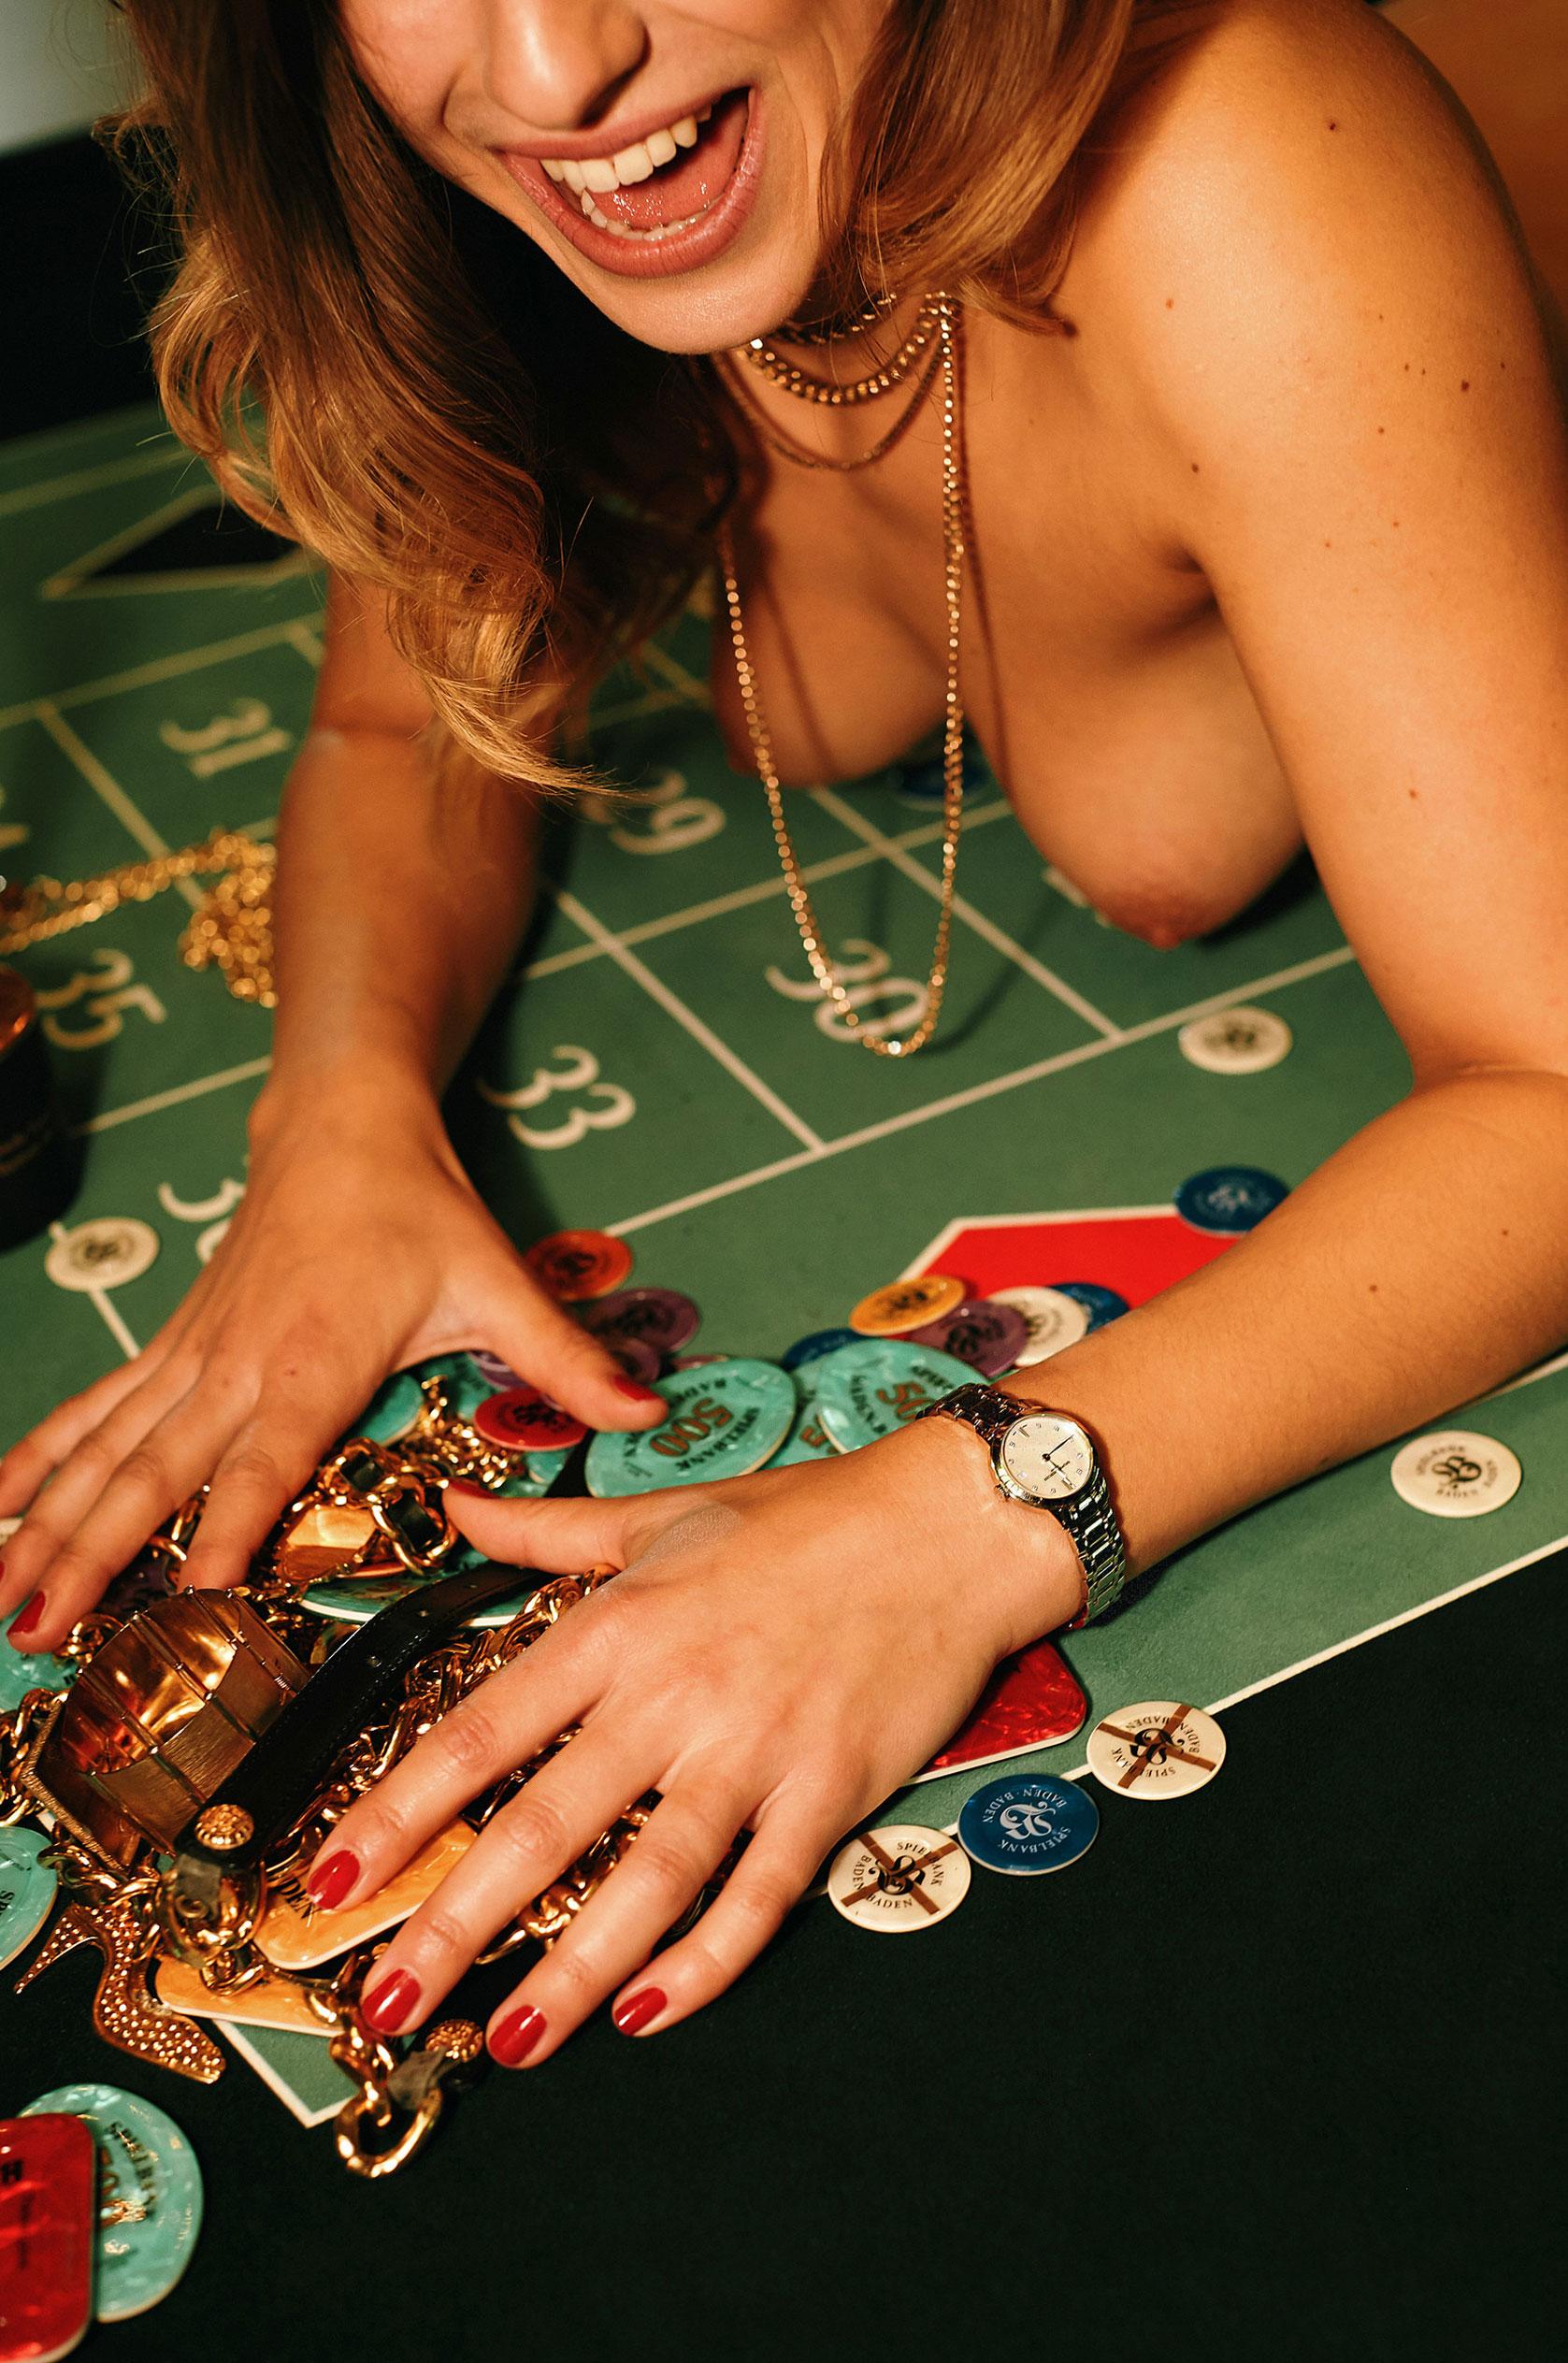 Девушка 2020-го года в Playboy Германия - Стелла Тиана Стегманн / фото 05